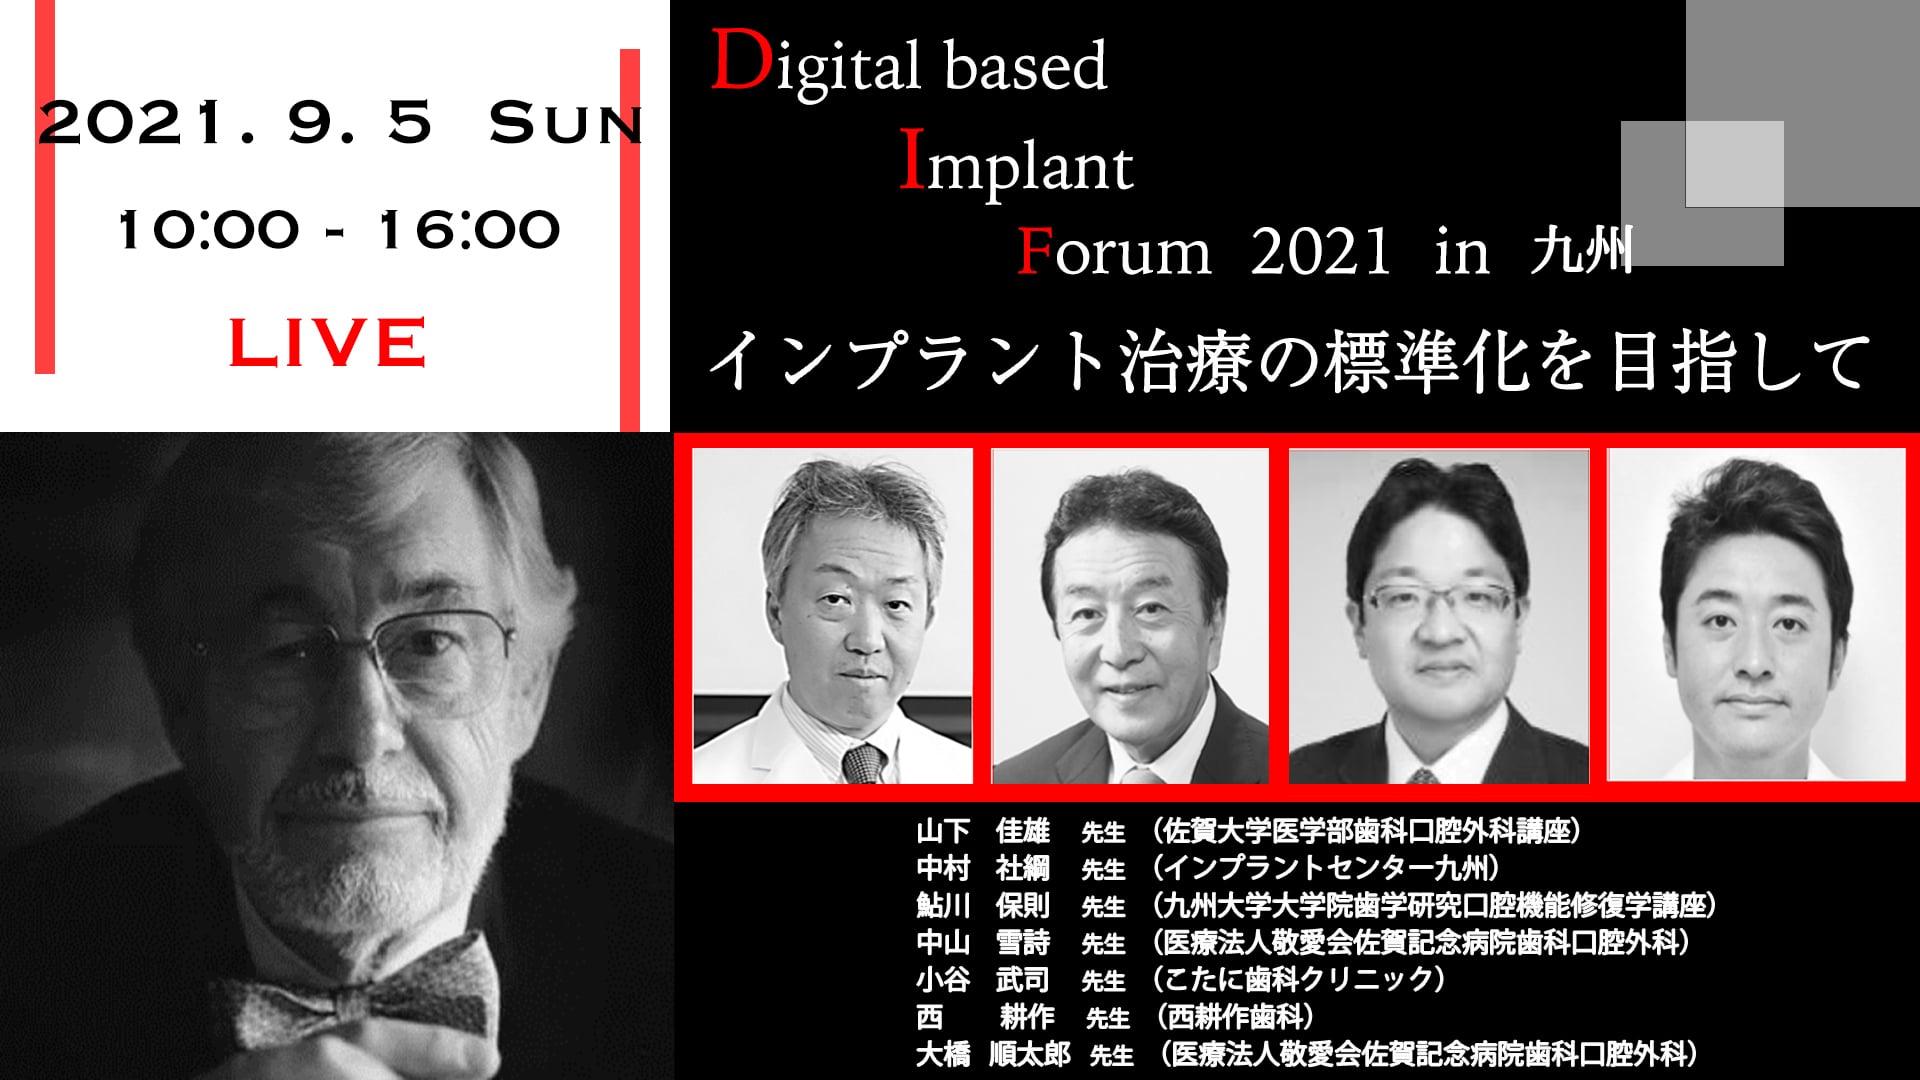 Digital based  Implant Forum 2021 in 九州 インプラント治療の標準化を目指して【九州・山口地区 インプラントフォーラム】